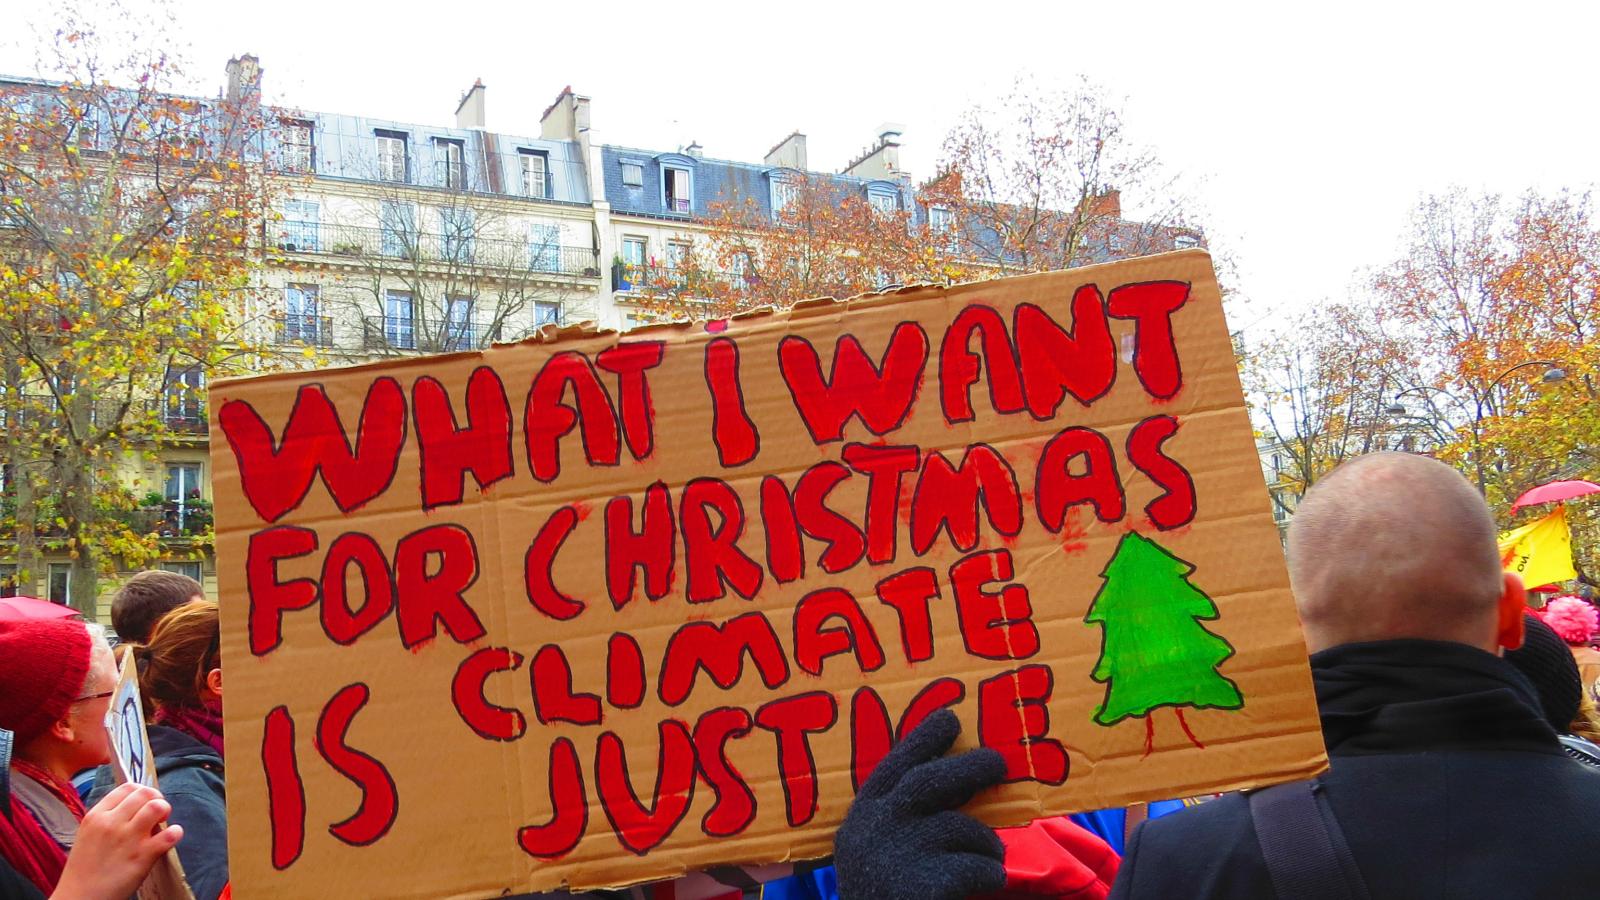 activist's sign: